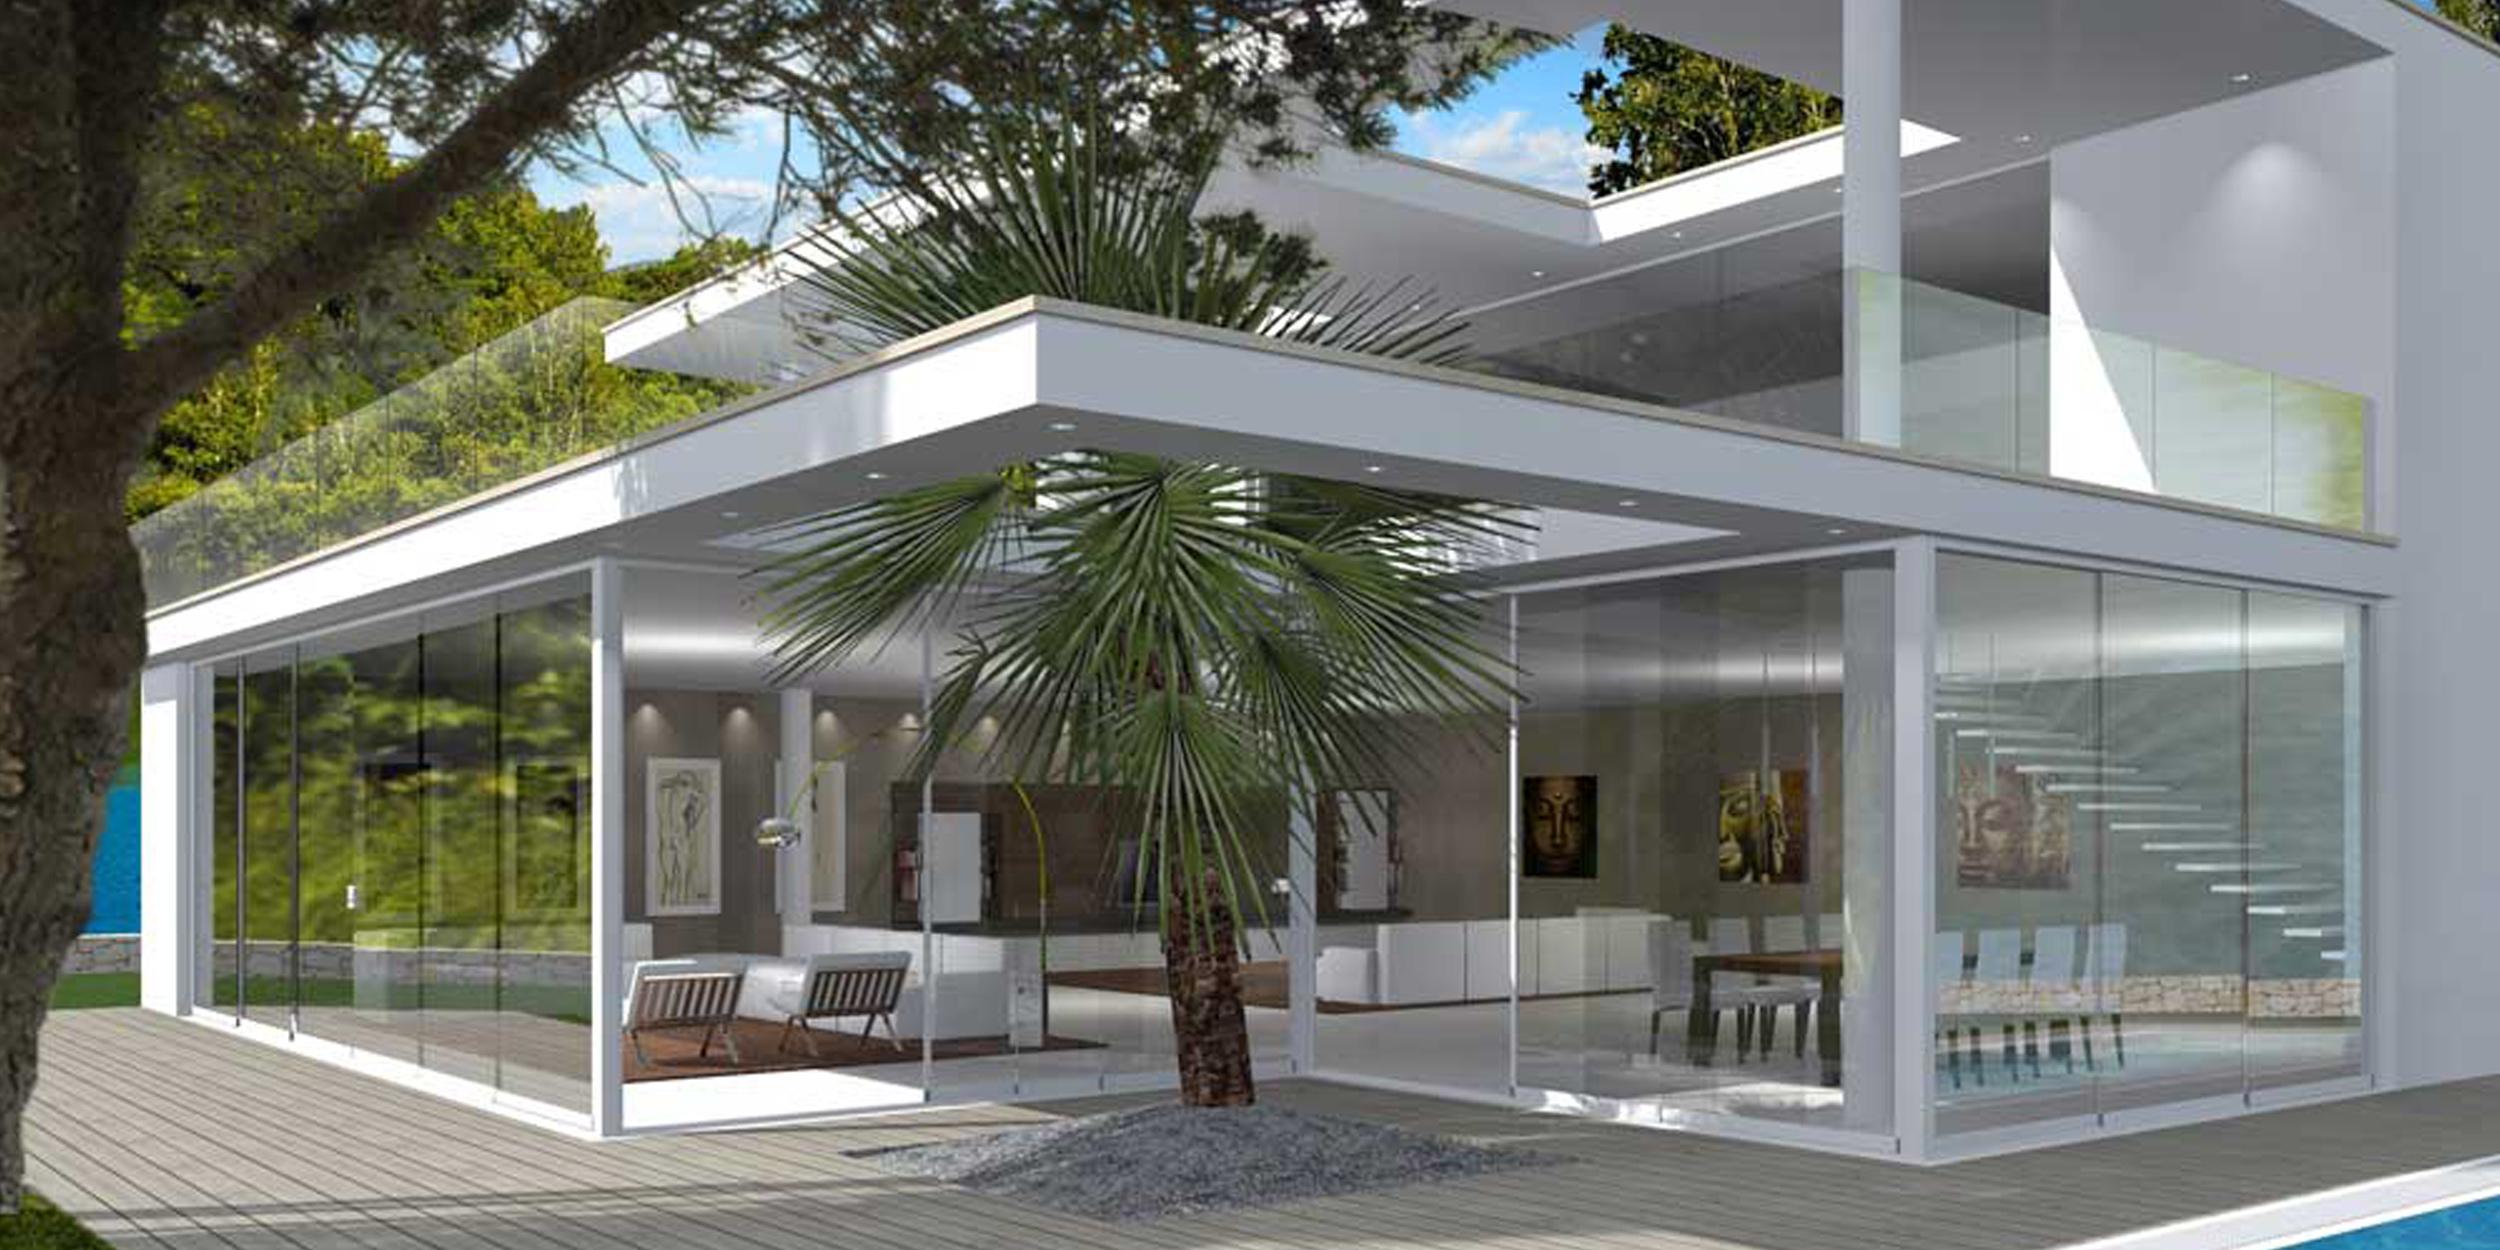 Vetrata scorrevole vetrata panoramica tutto vetro for Design moderni della casa di vetro